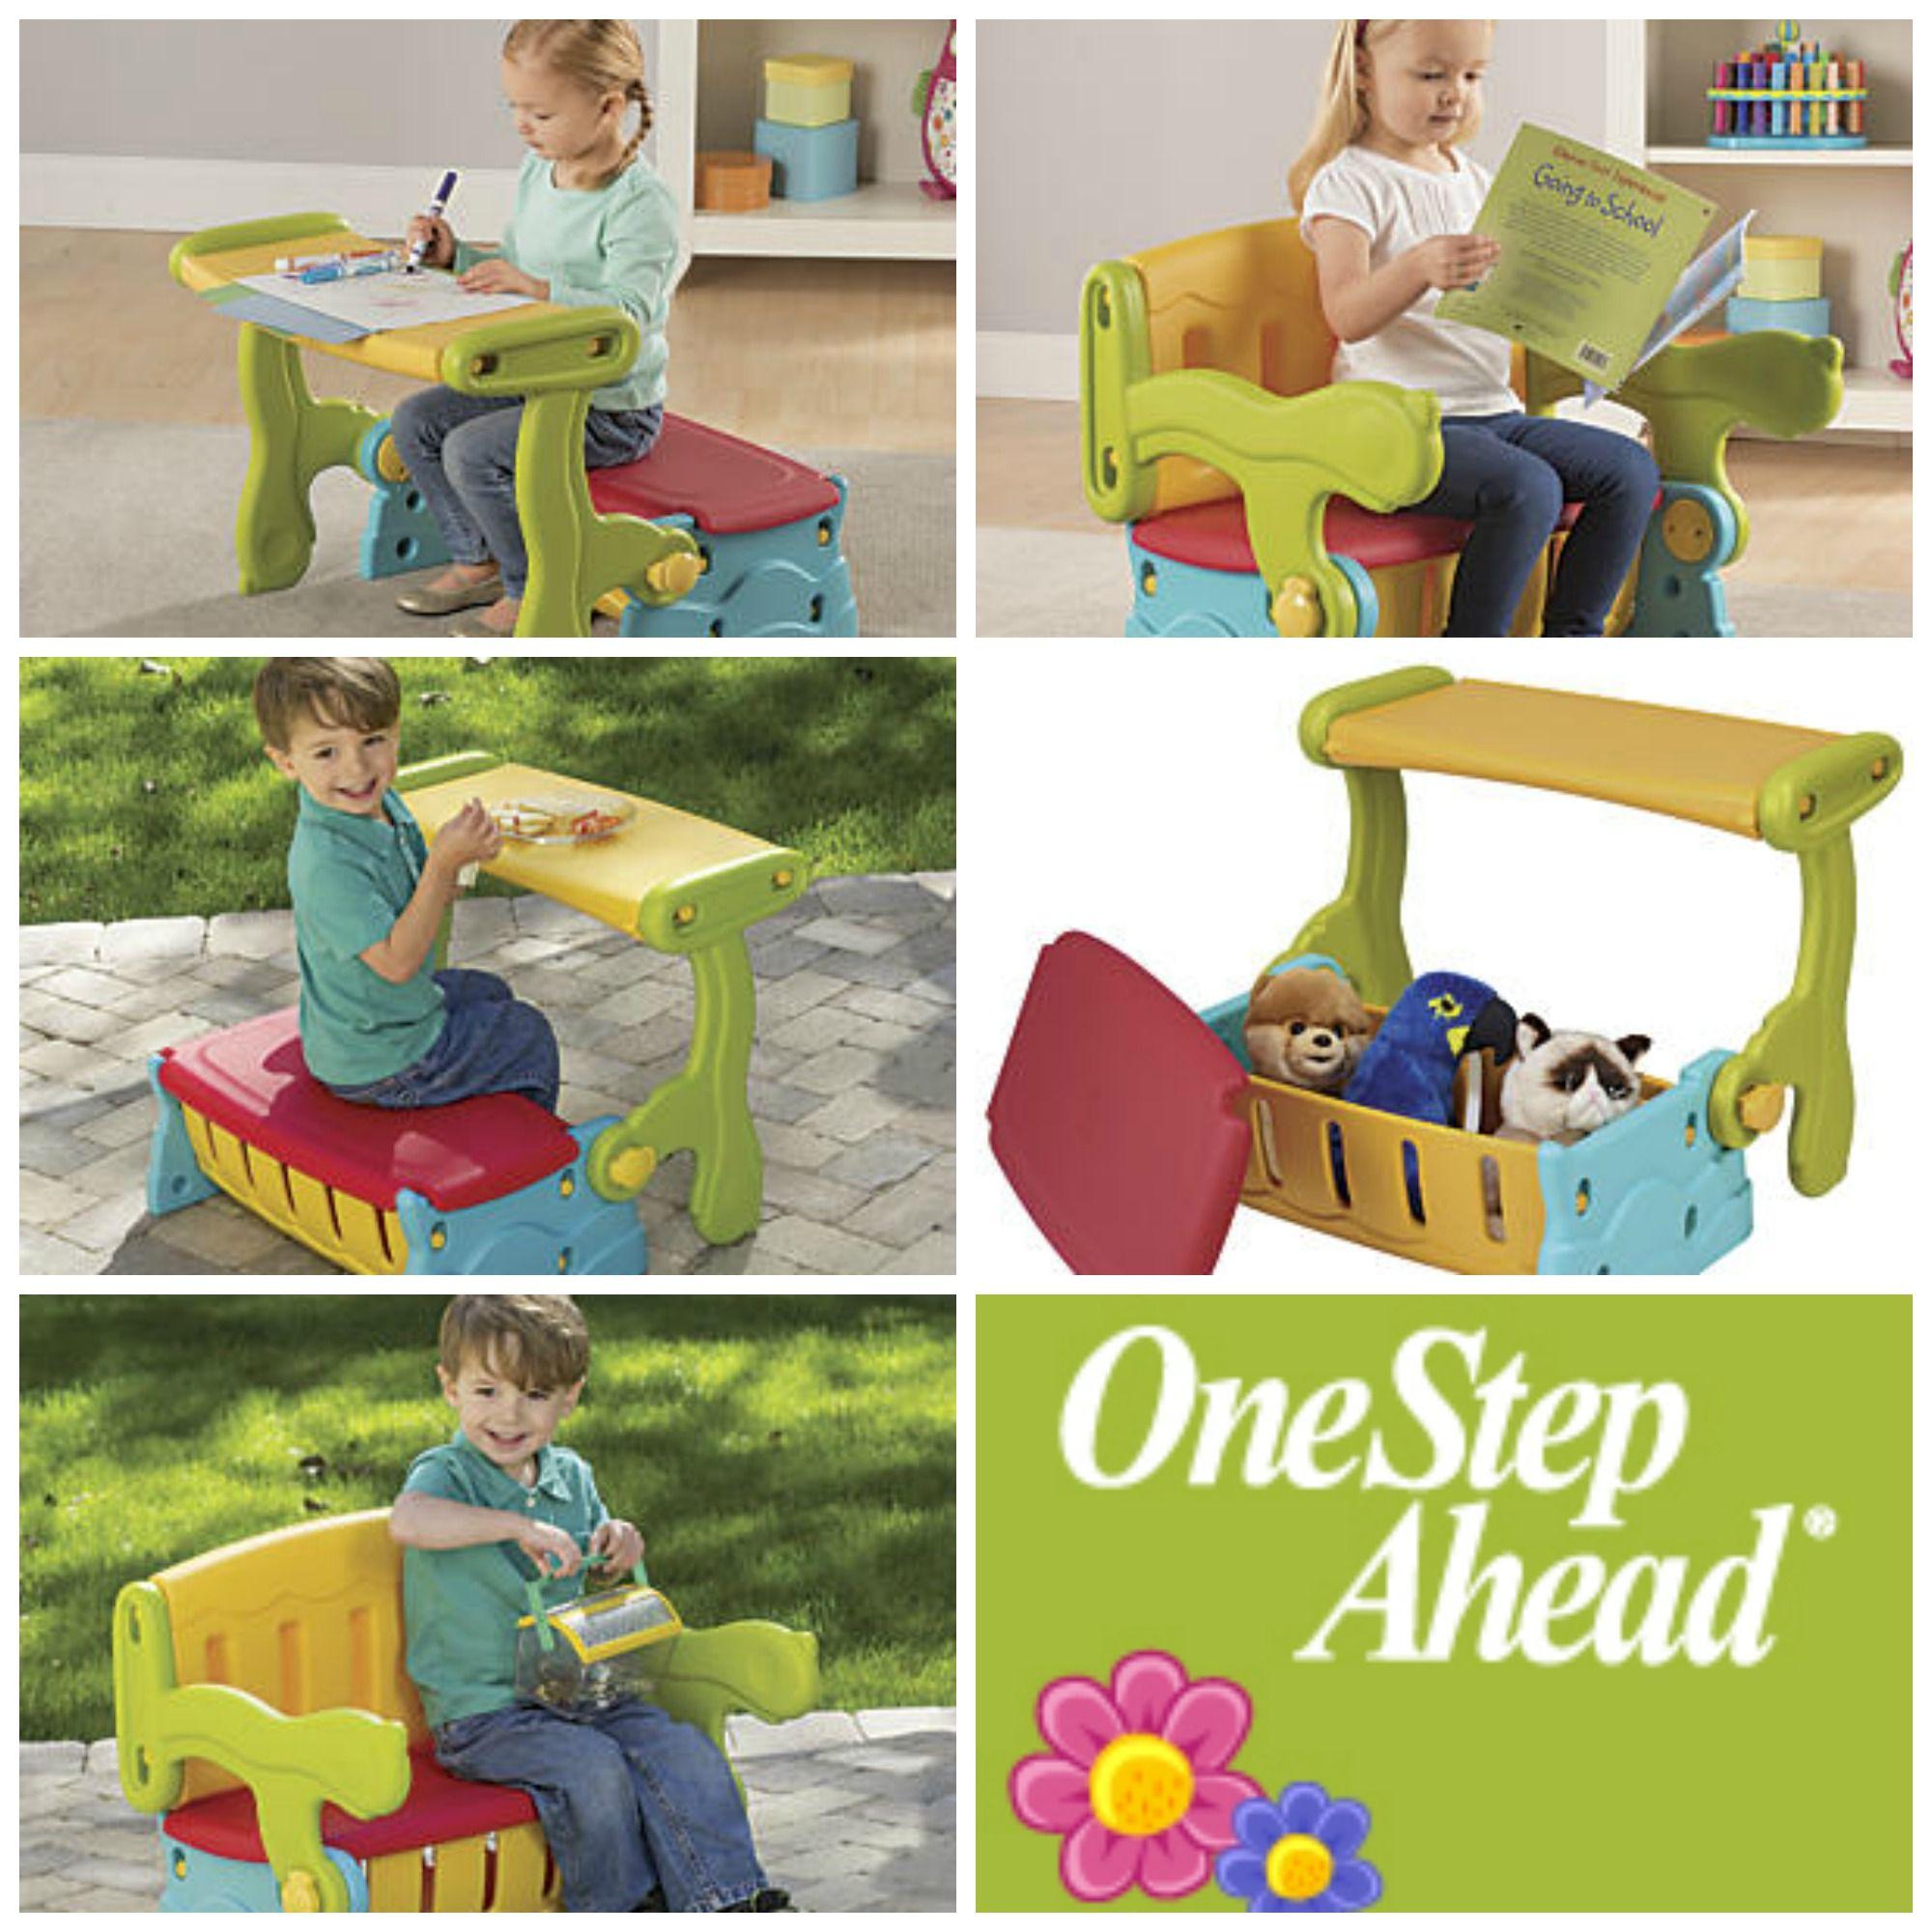 Phenomenal 3 In 1 Convertible Storage Bench We Love Versatility We Machost Co Dining Chair Design Ideas Machostcouk